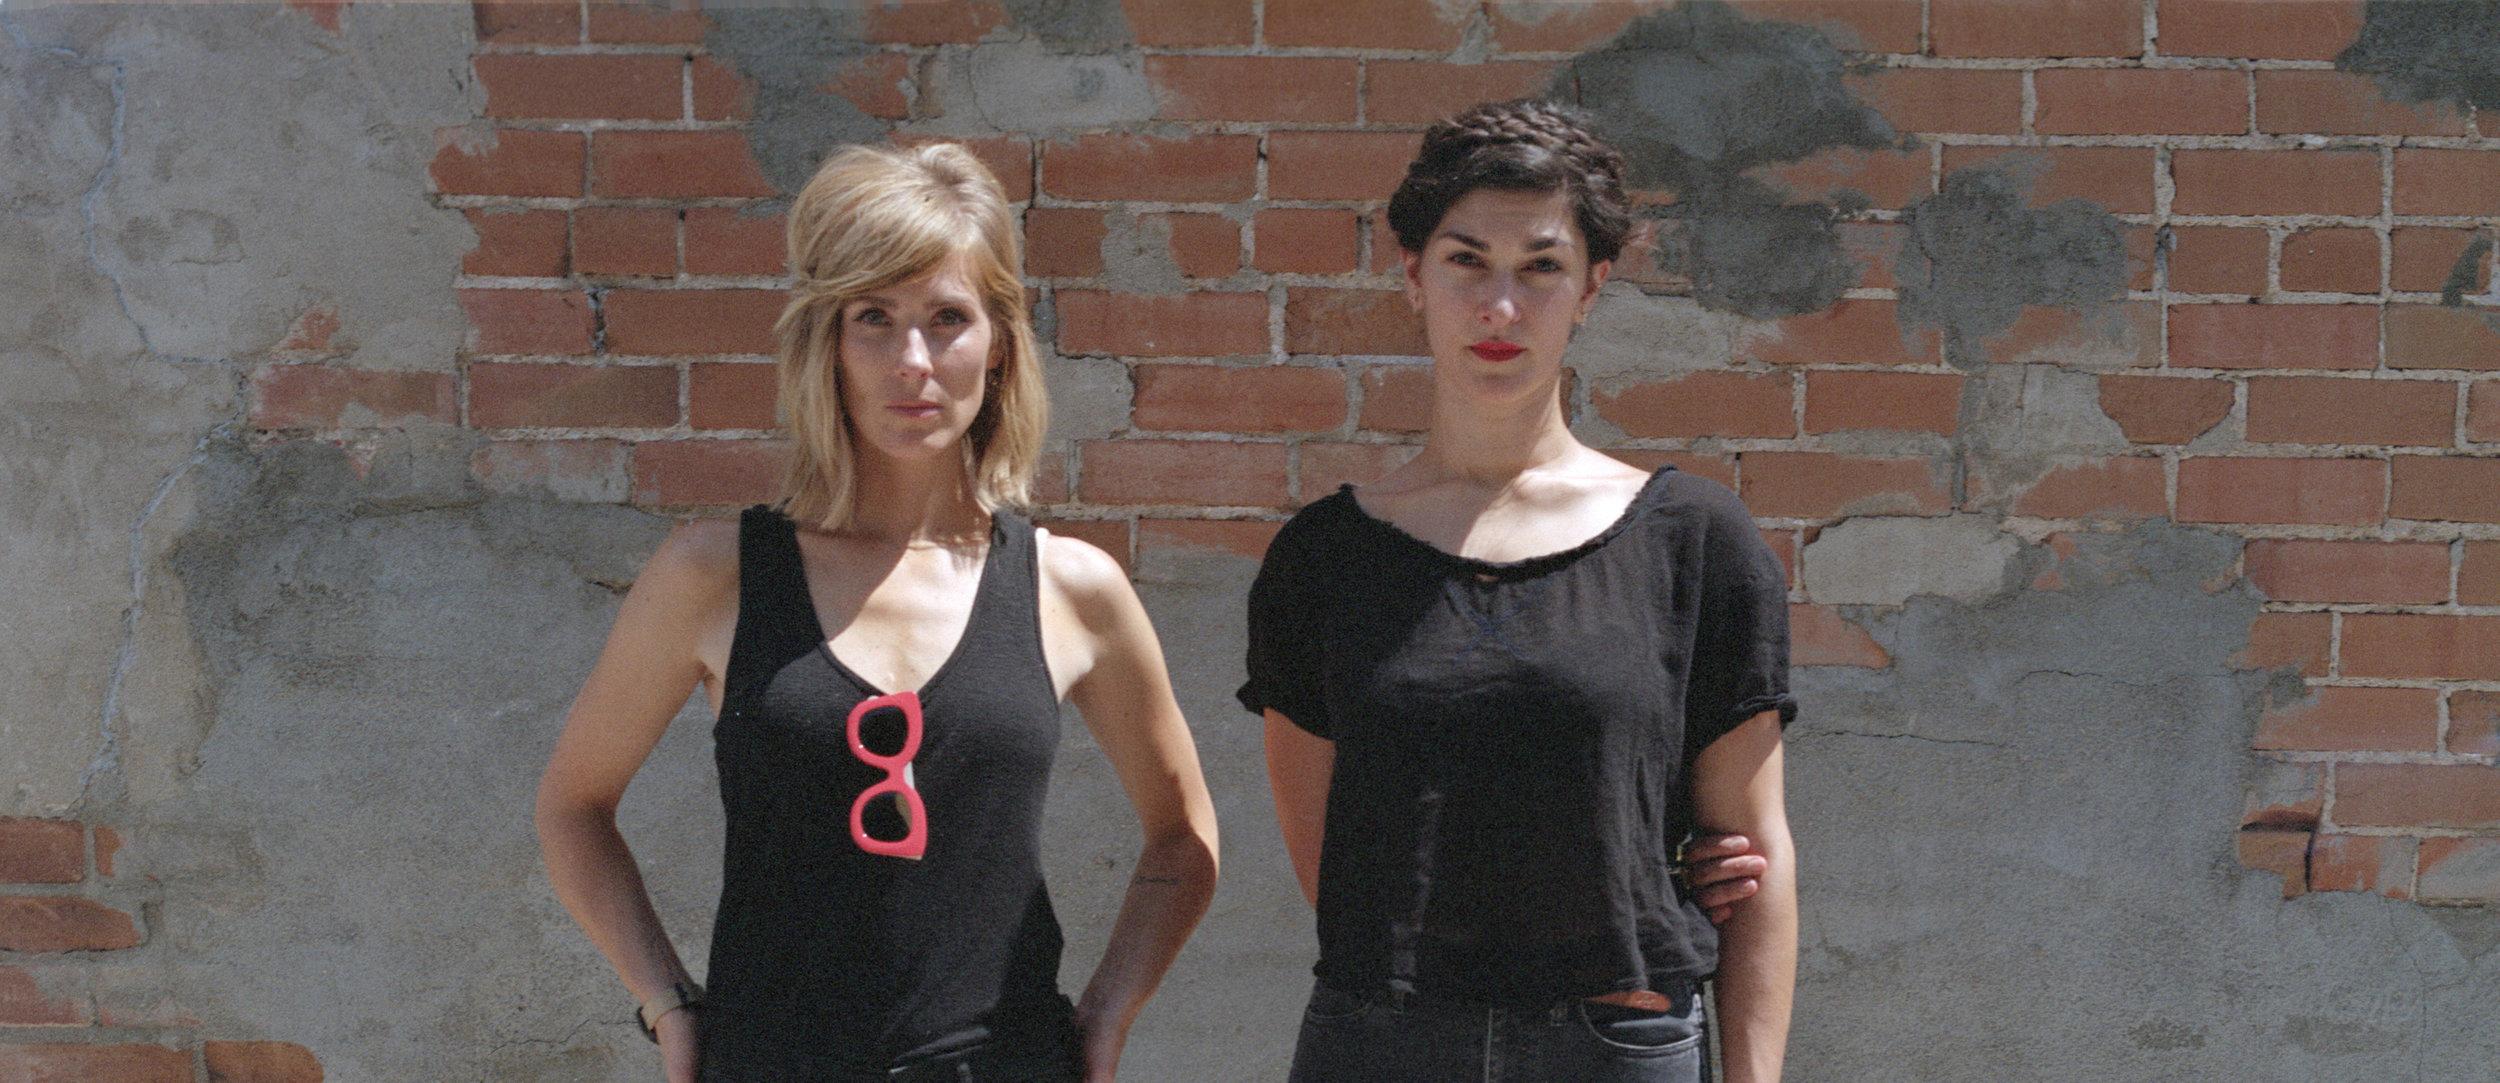 Founding designers Sara Seal and Saiya Koclanes